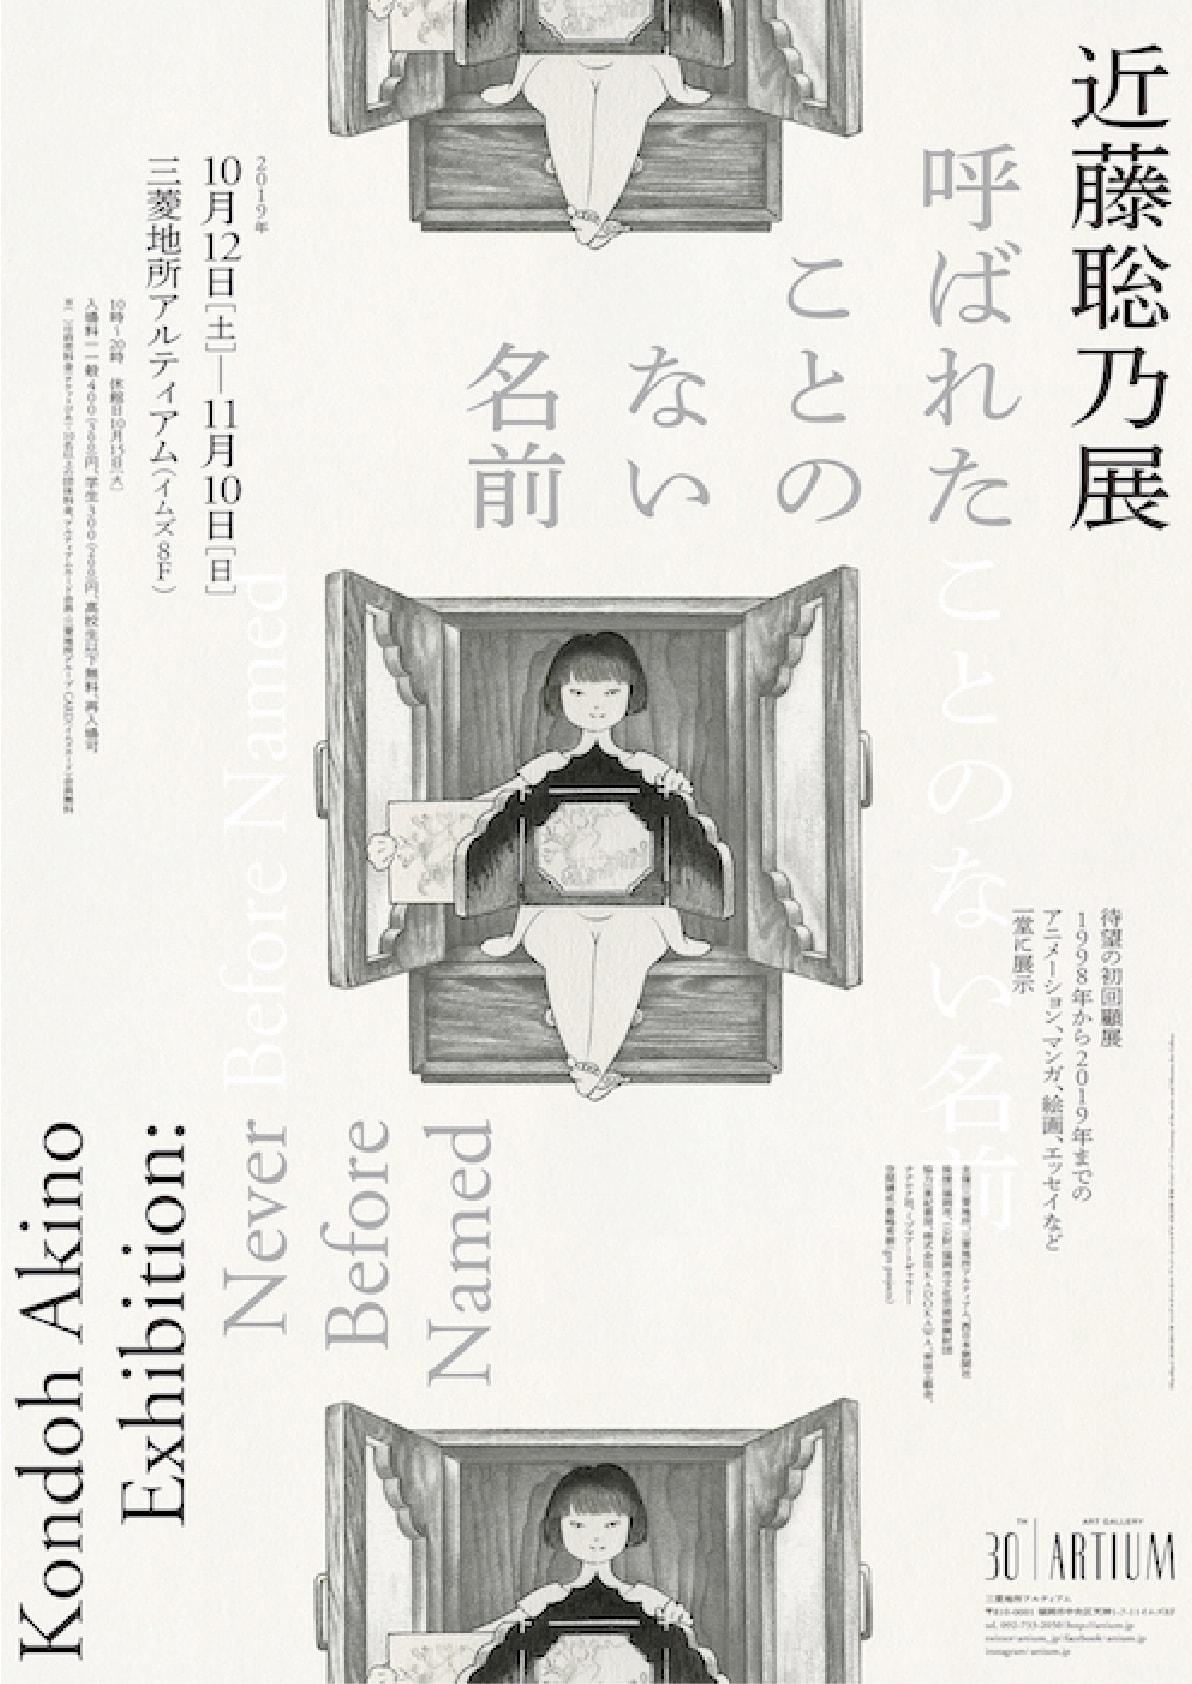 近藤聡乃展 呼ばれたことのない名前 Kondoh Akino Exhibition: Never Before Namedチラシ1